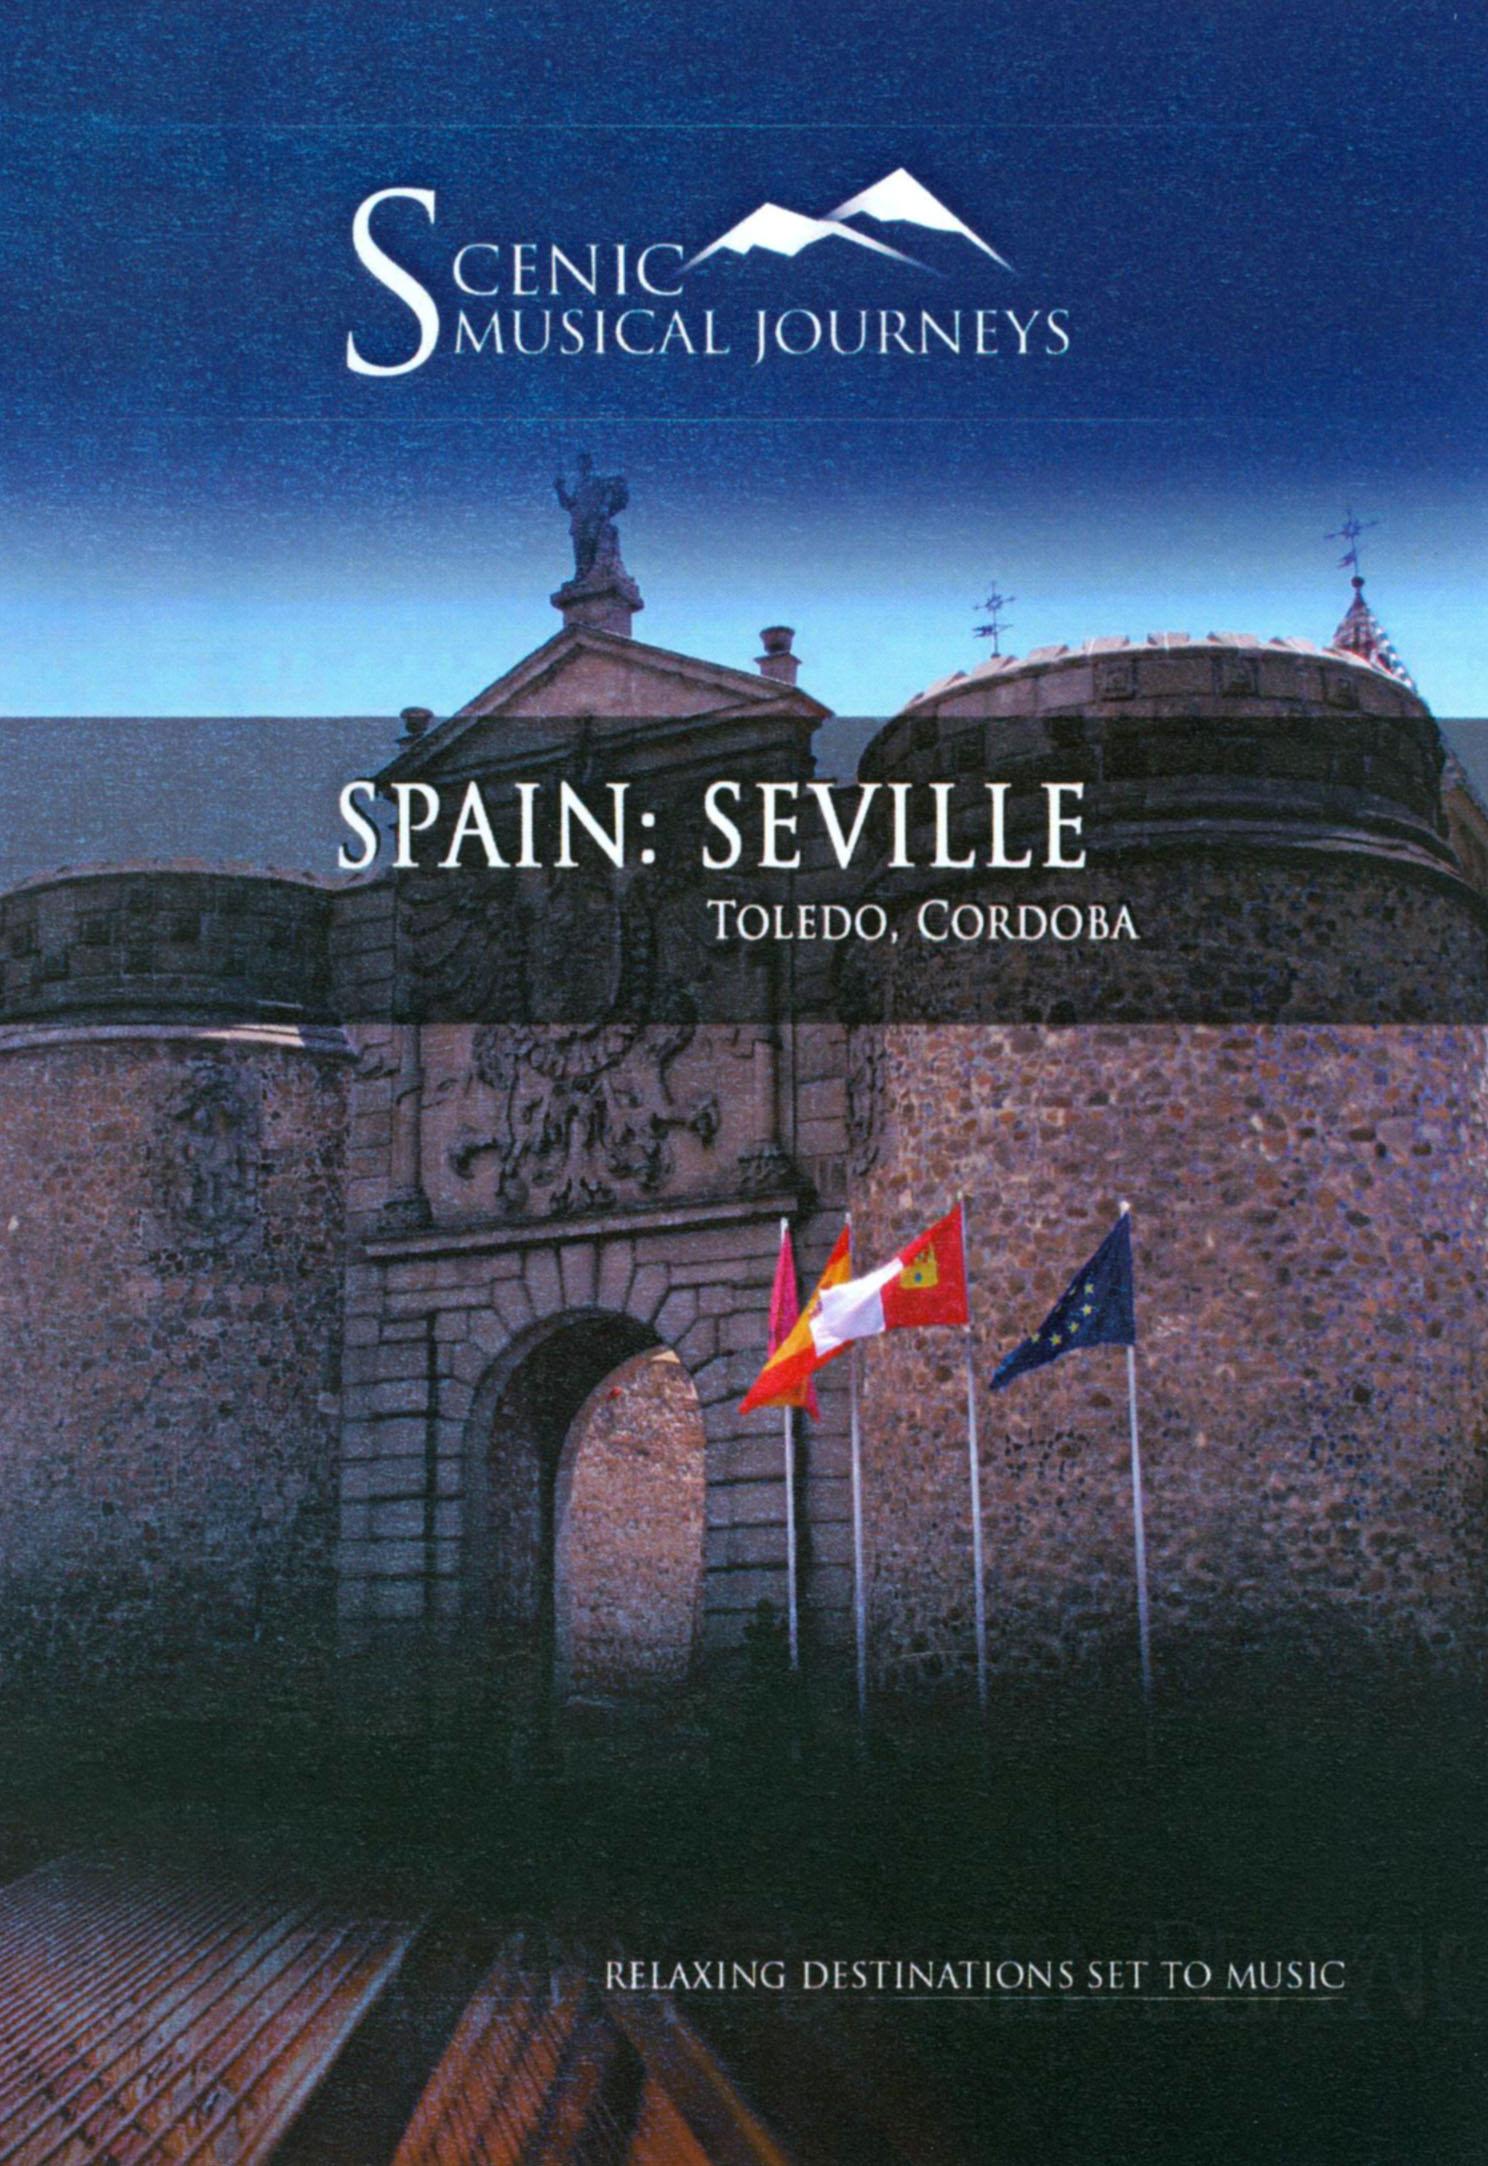 Scenic Musical Journeys: Spain: Seville - Toledo, Cordoba